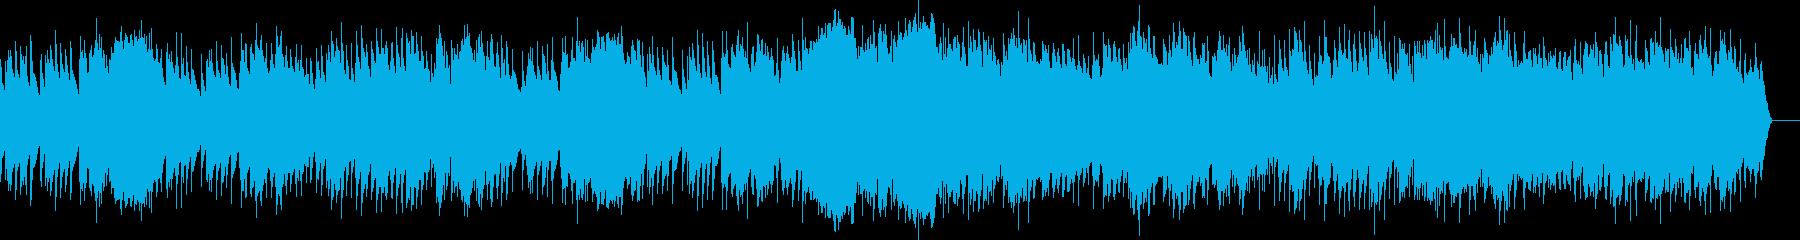 第2曲 行進曲(オルゴール)の再生済みの波形